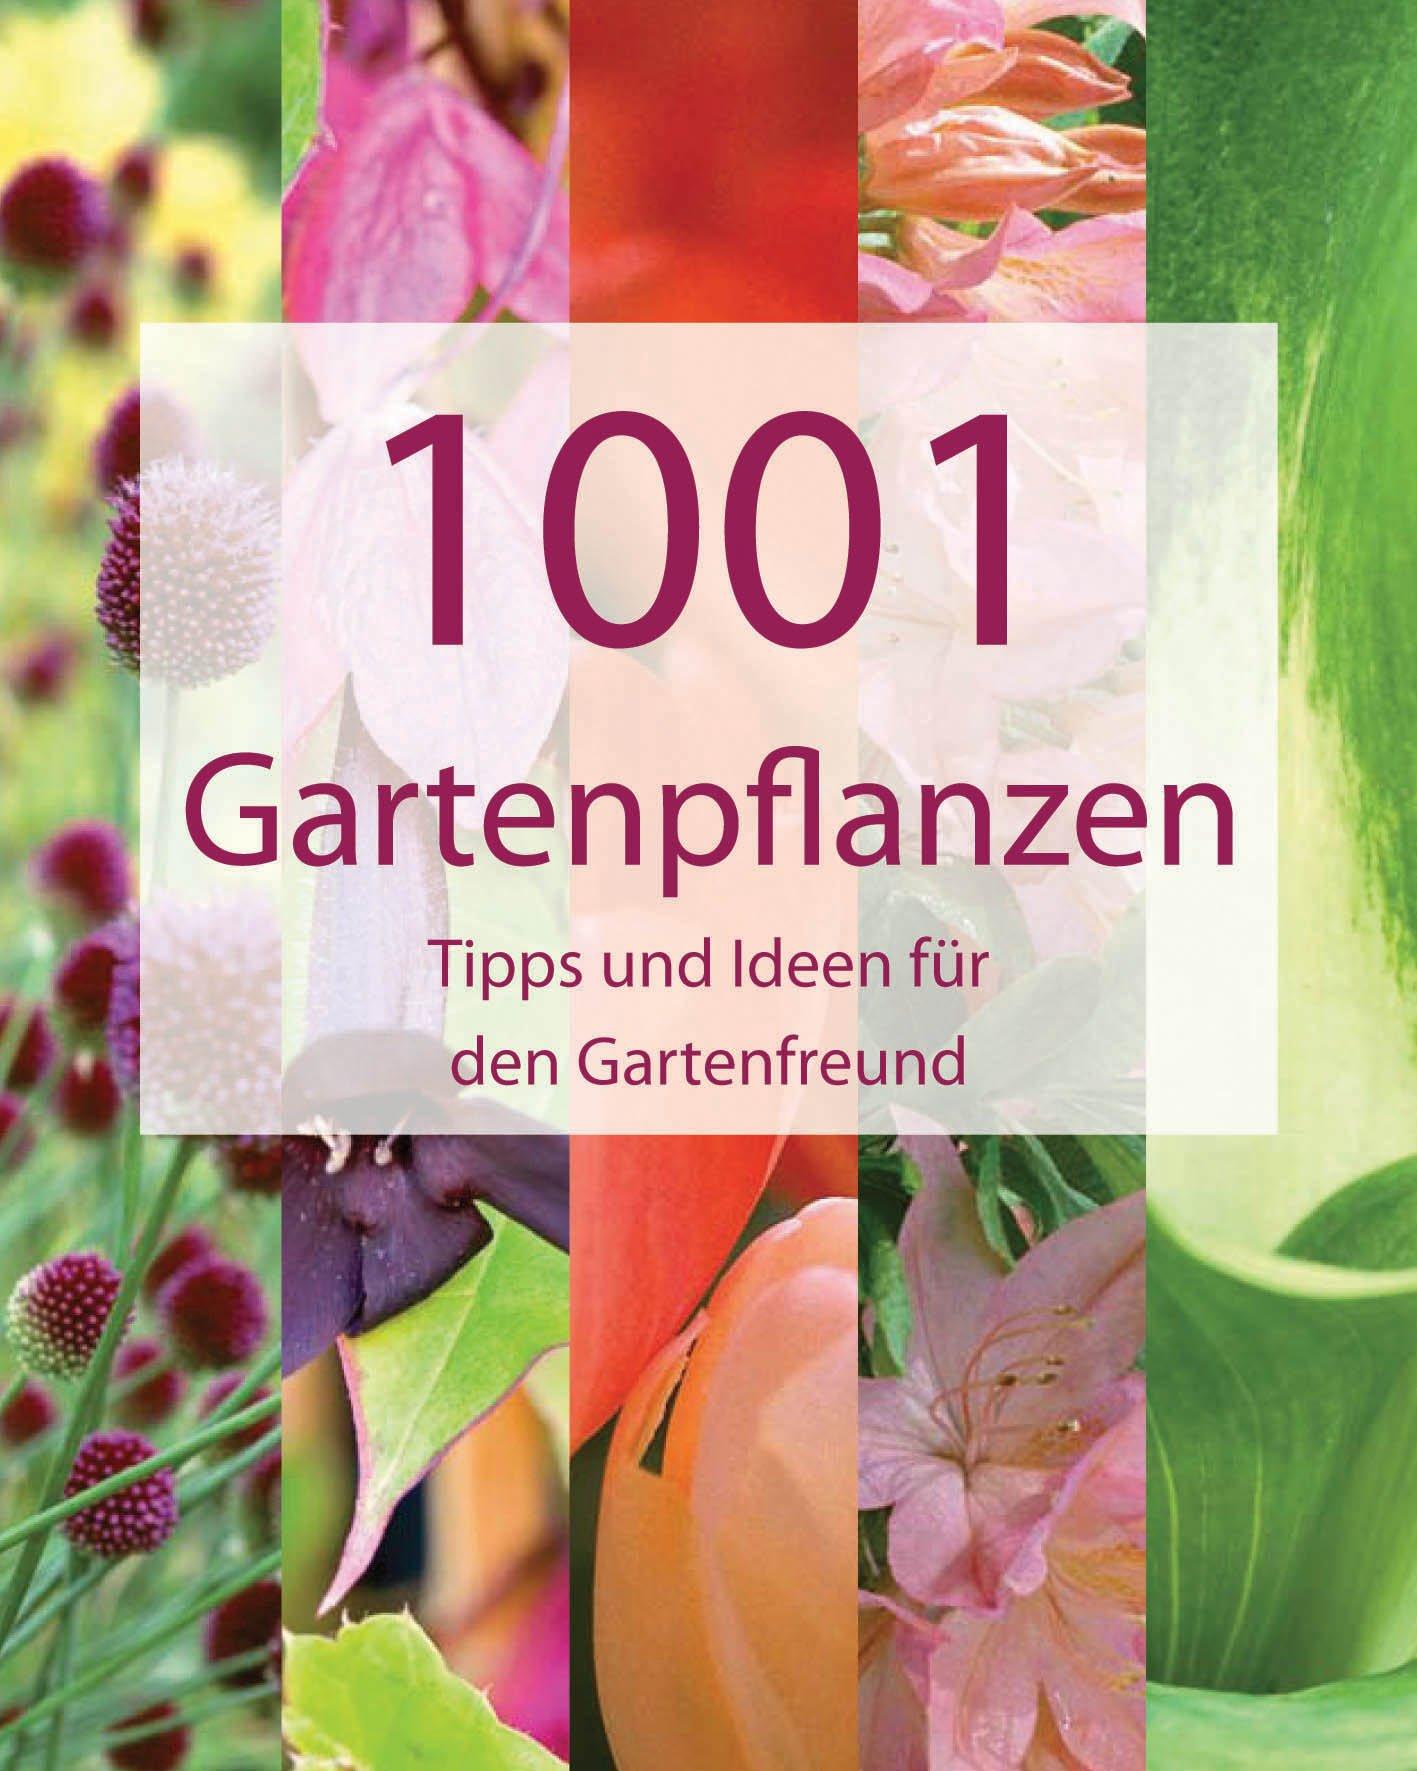 1001 Gartenpflanzen: Tipps und Ideen für den Gartenfreund: Amazon.de: Antje  Rugullis, Modeste Herwig: Bücher